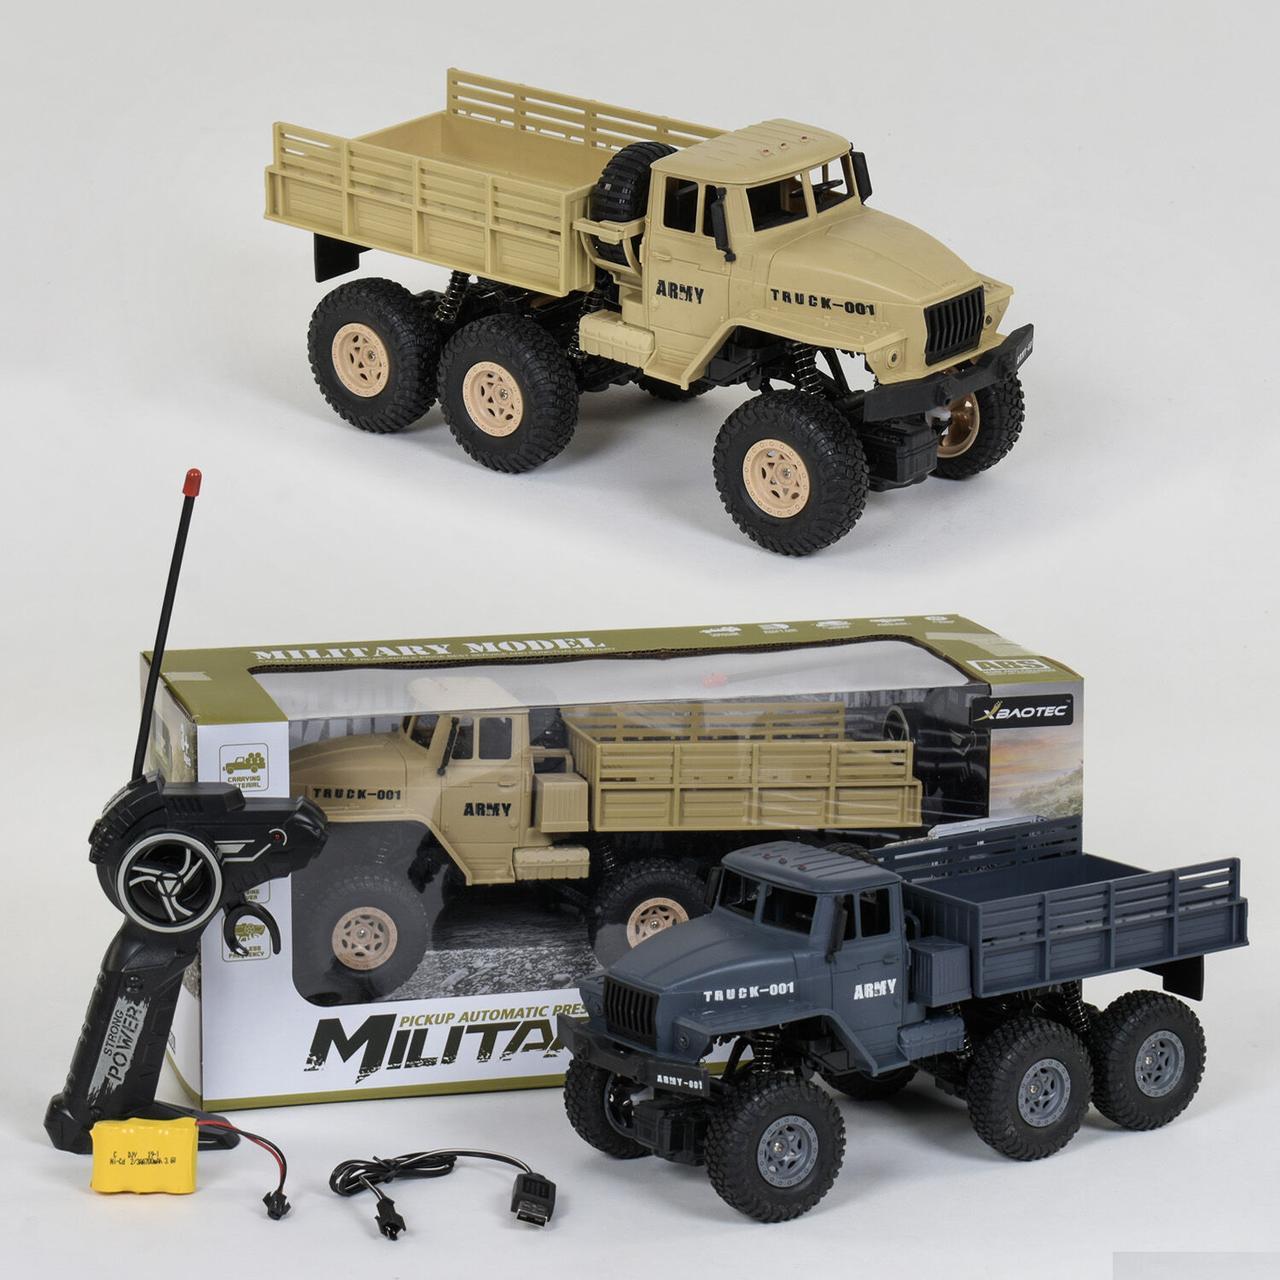 Військова Машина на радіокеруванні арт. 1002